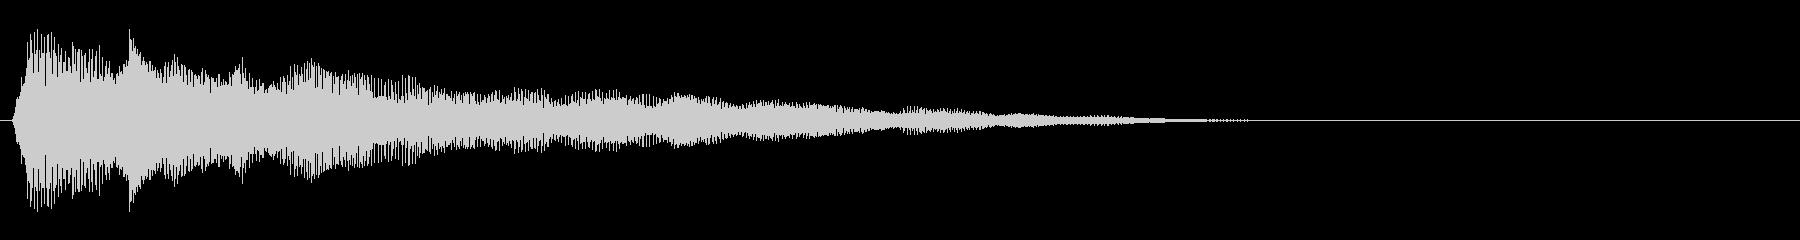 強化されたプラクテッドシンセアクセント1の未再生の波形